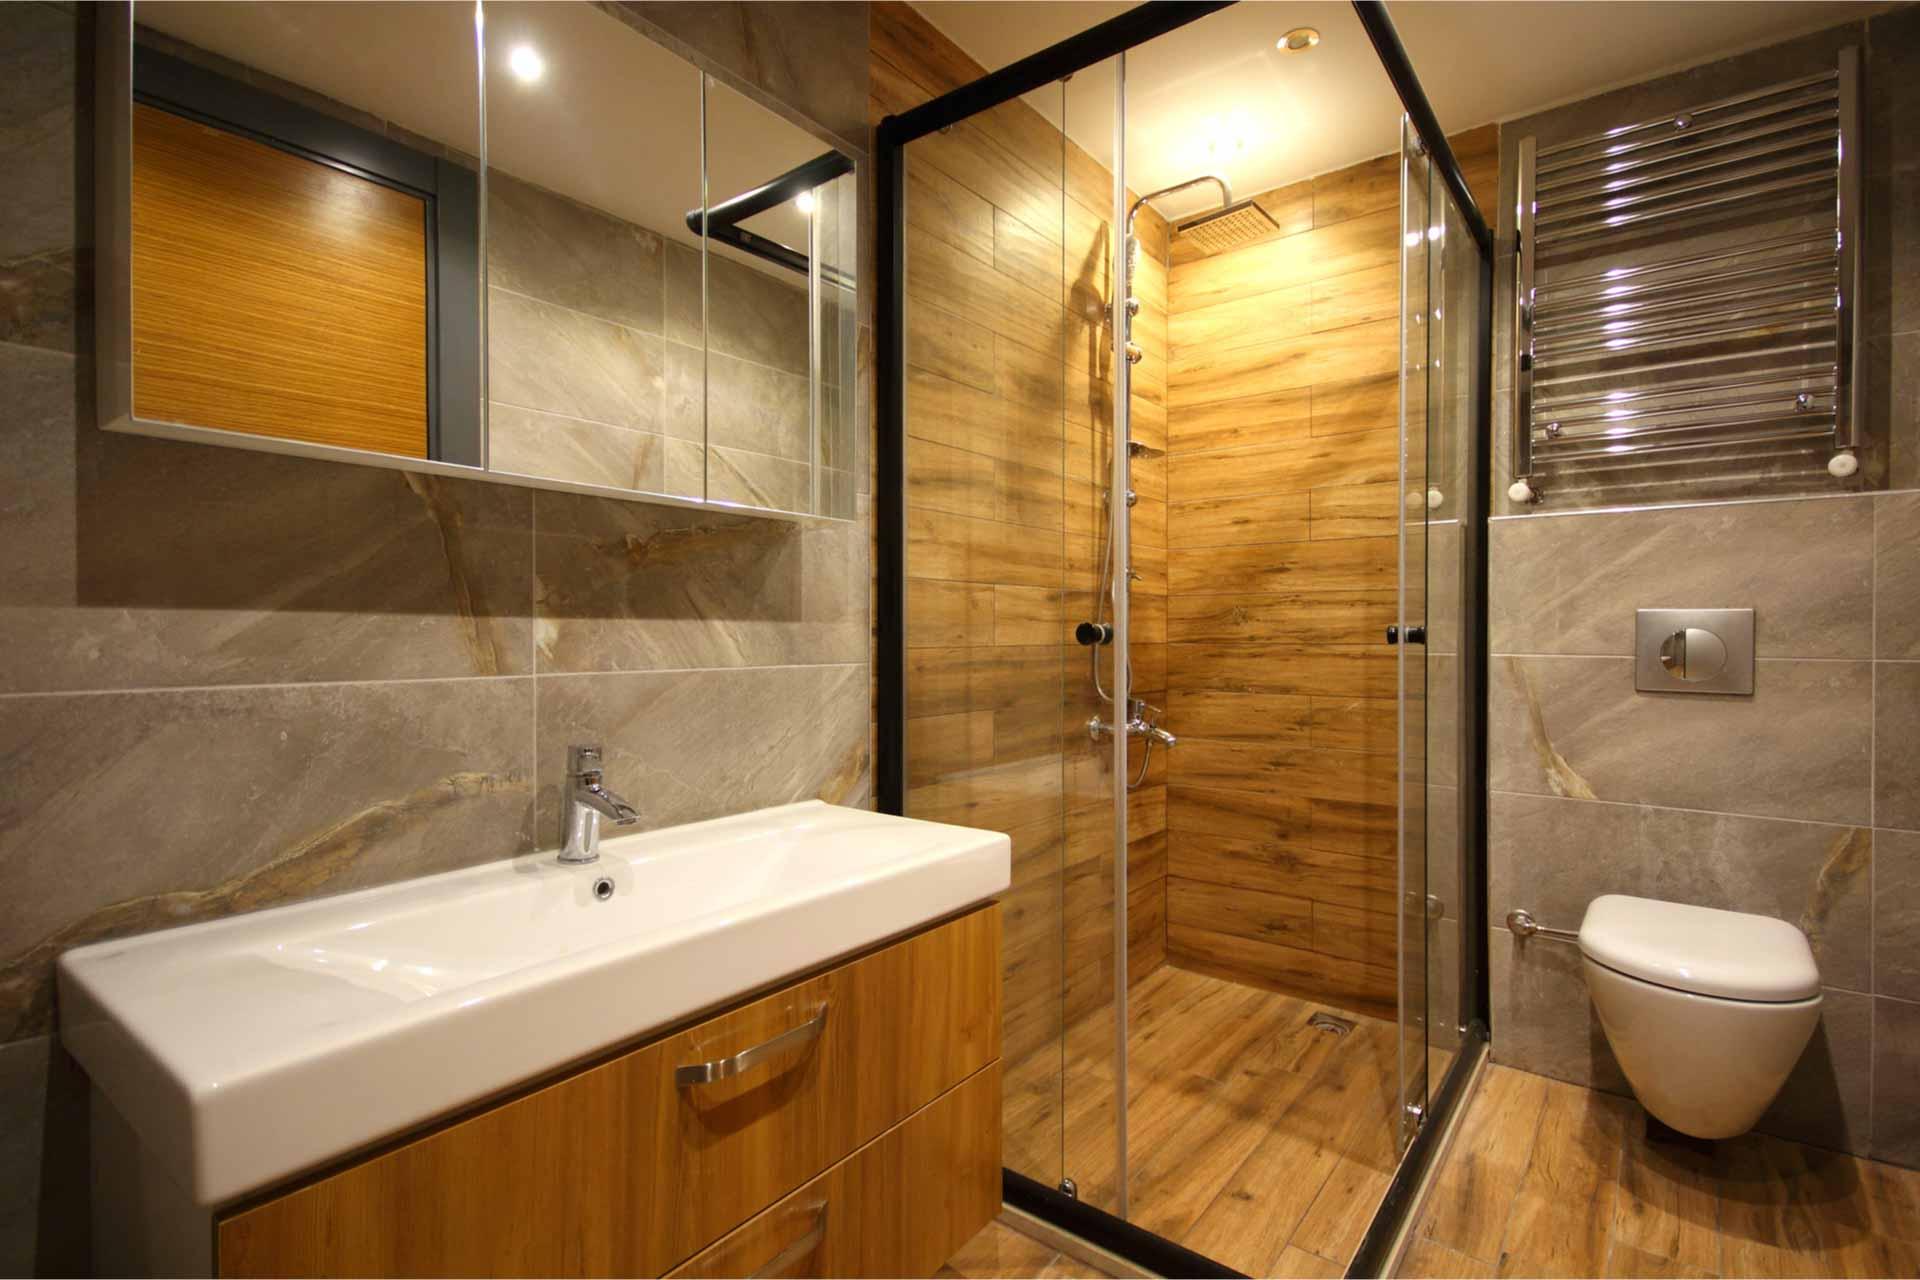 Rénovation salle de bains Épinal - PMR (Personne à mobilité réduite)